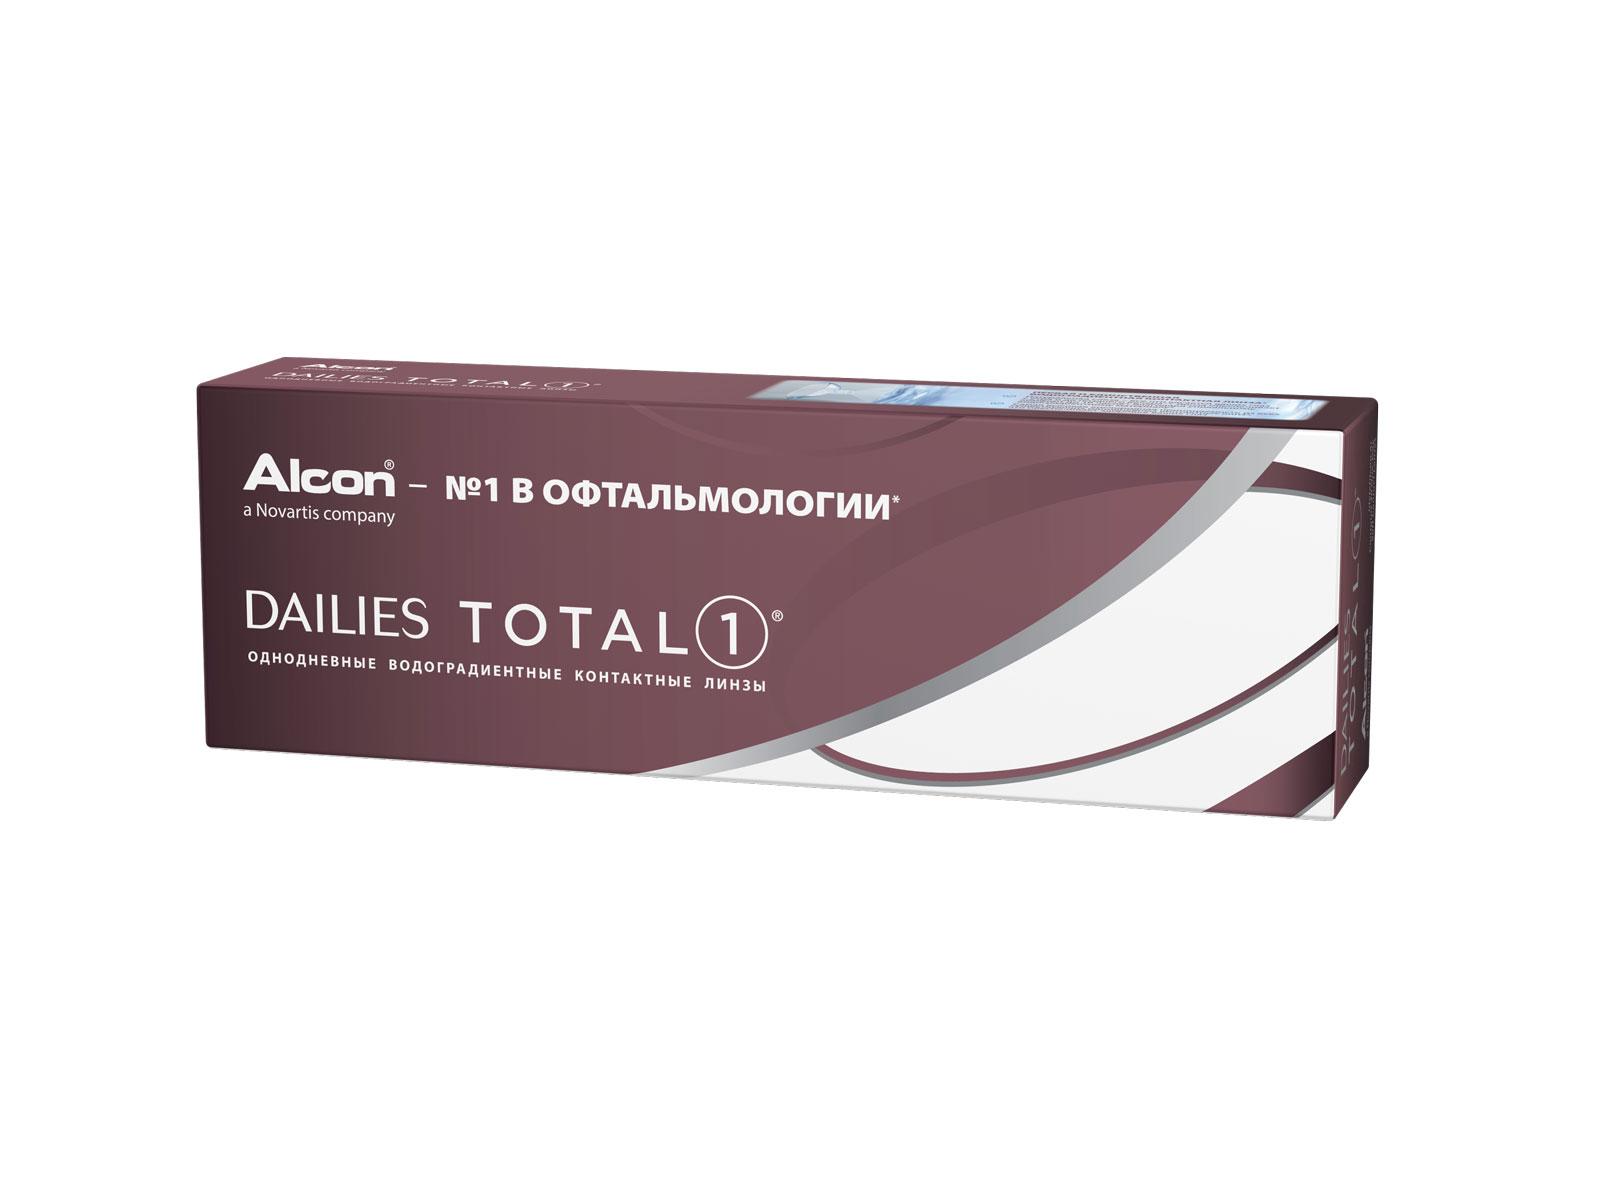 Alcon контактные линзы Dailies Total 1 30pk /+0.50 / 8.5 / 14.1100008069Dailies Total 1 – линзы, которые не чувствуешь с утра и до поздного вечера. Эти однодневные контактные линзы выполнены из уникального водоградиентного материала, багодаря которому натуральная слеза – это все, что касается ваших глаз. Почти 100% влаги на поверхности обеспечивают непревзойденный комфорт до 16 часов ношения.